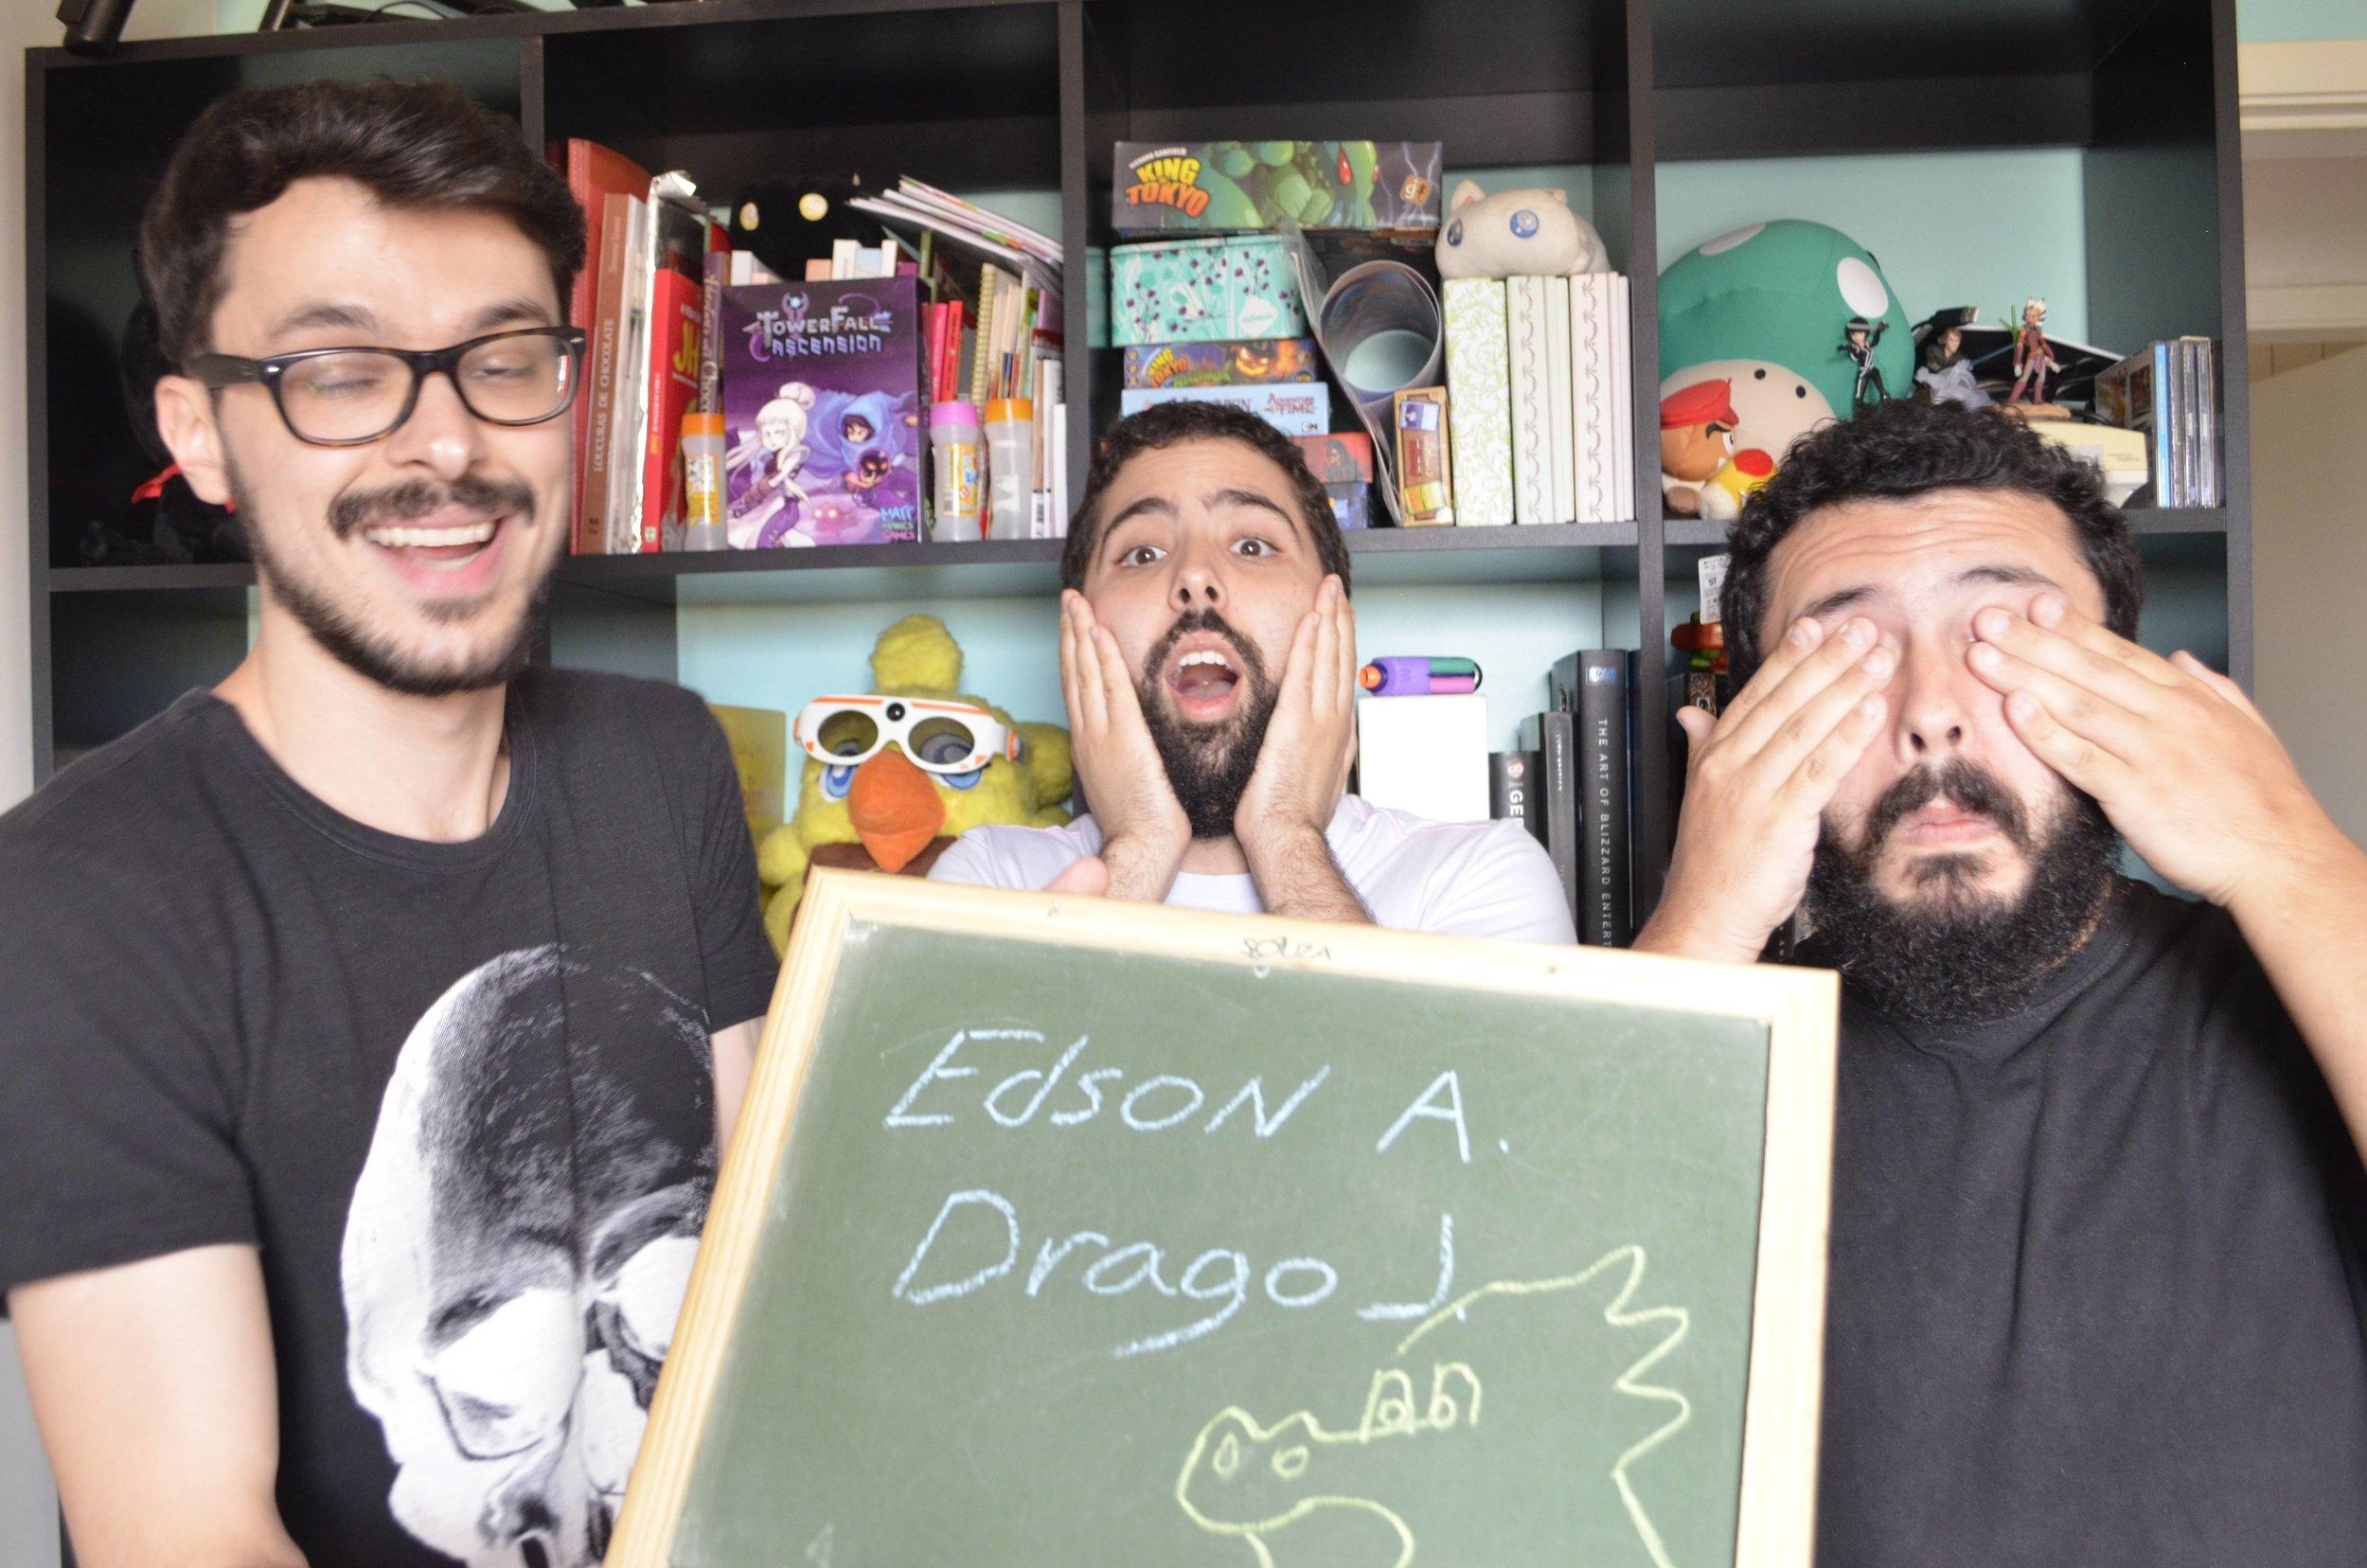 Edson-A-Drago.jpg